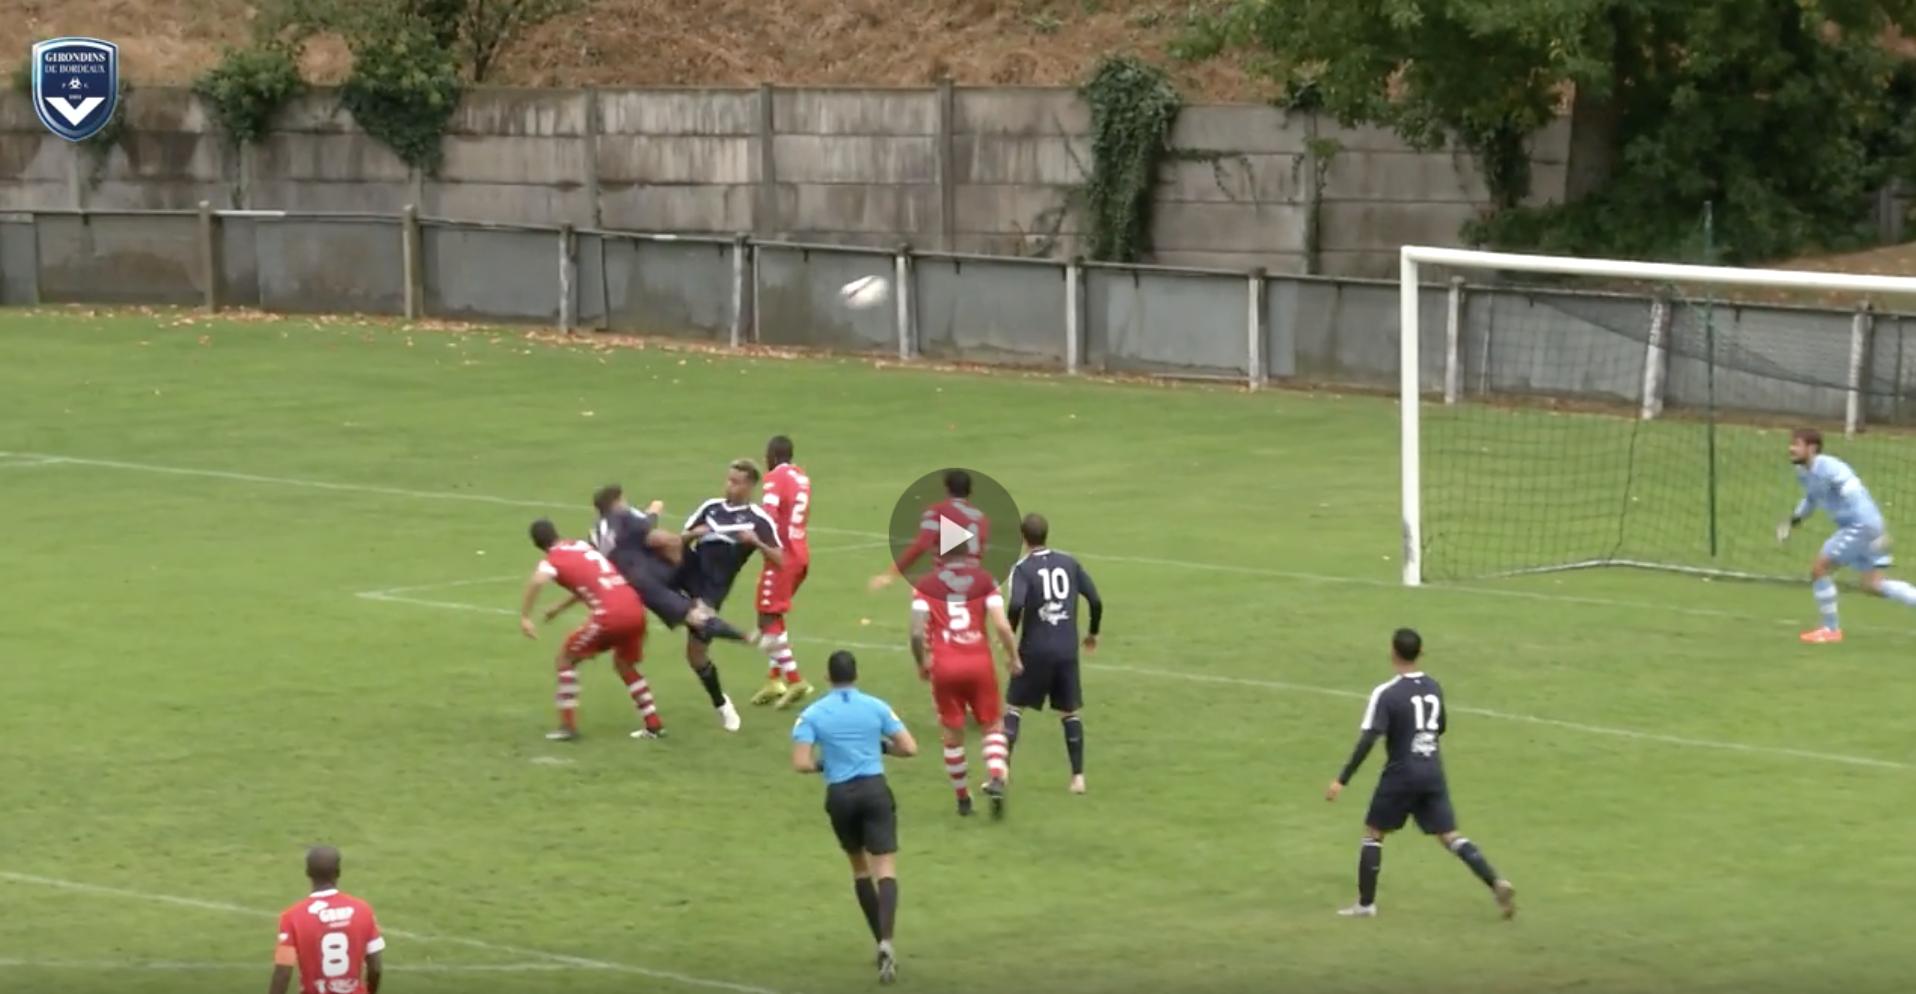 Cfa Girondins : Le résumé vidéo de Bordeaux - Colomiers - Formation Girondins